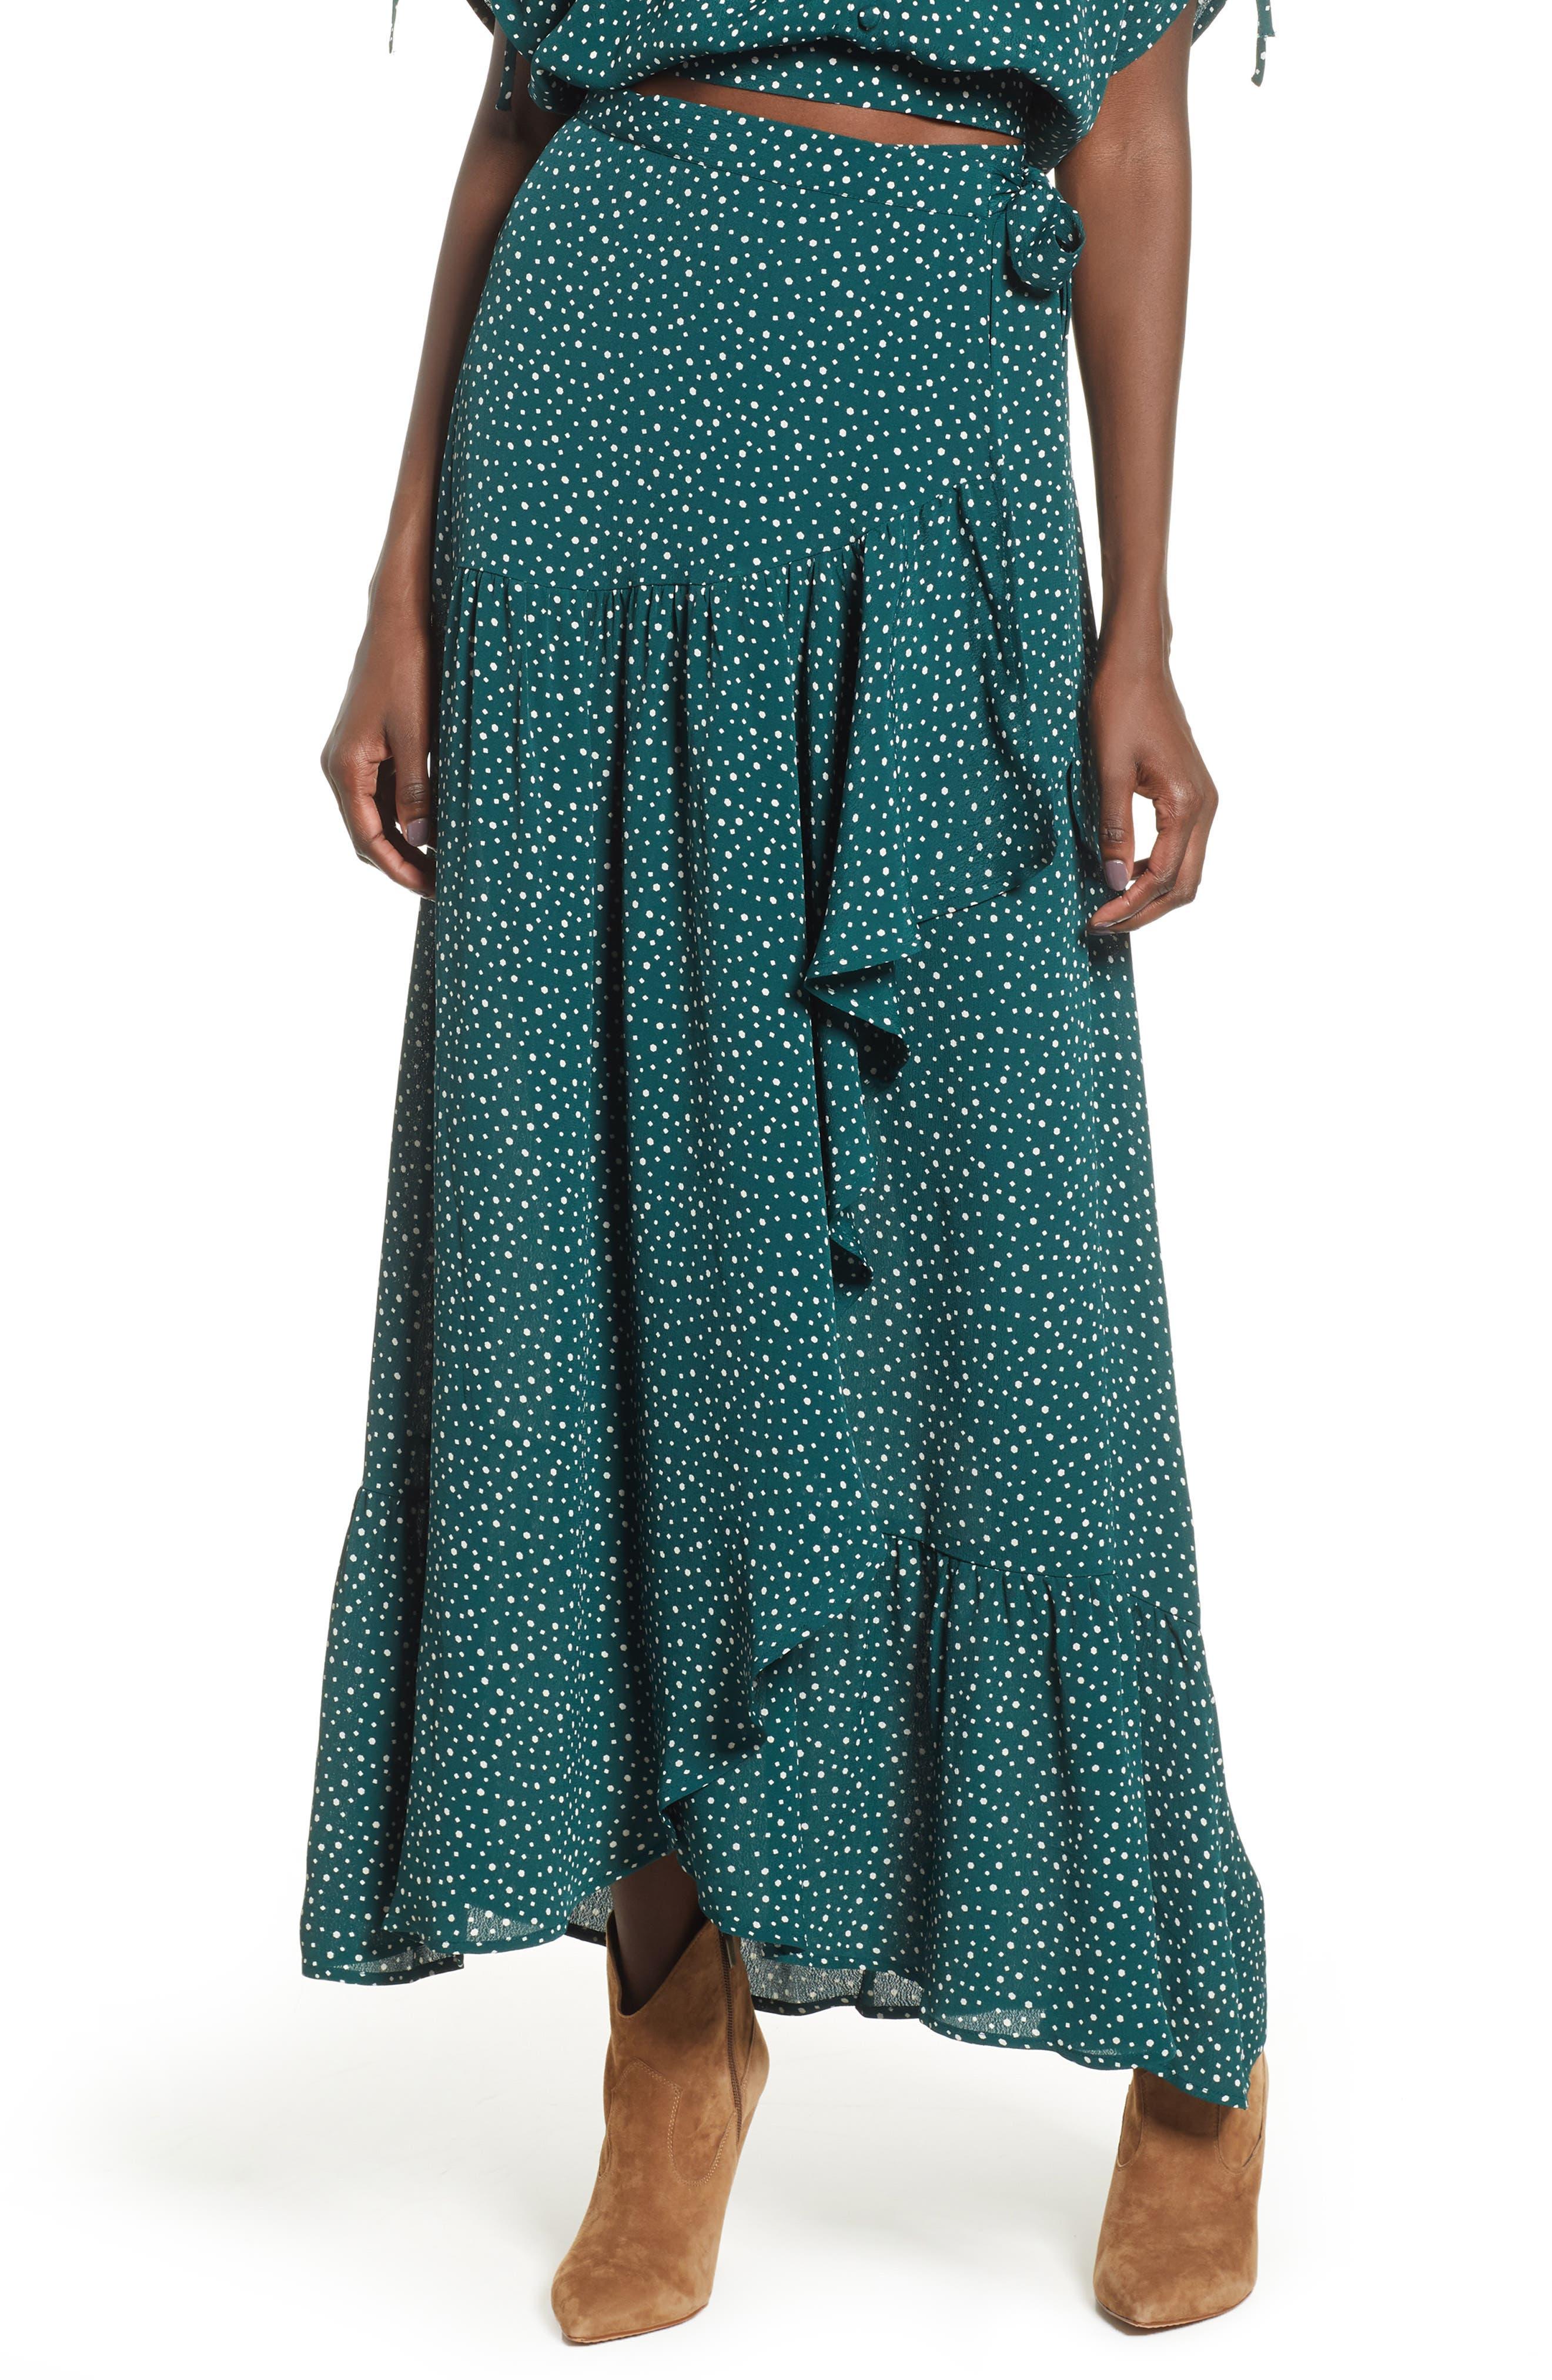 BAND OF GYPSIES Dane Ruffled Polka Dot Wrap Skirt in Pine/ Ivory